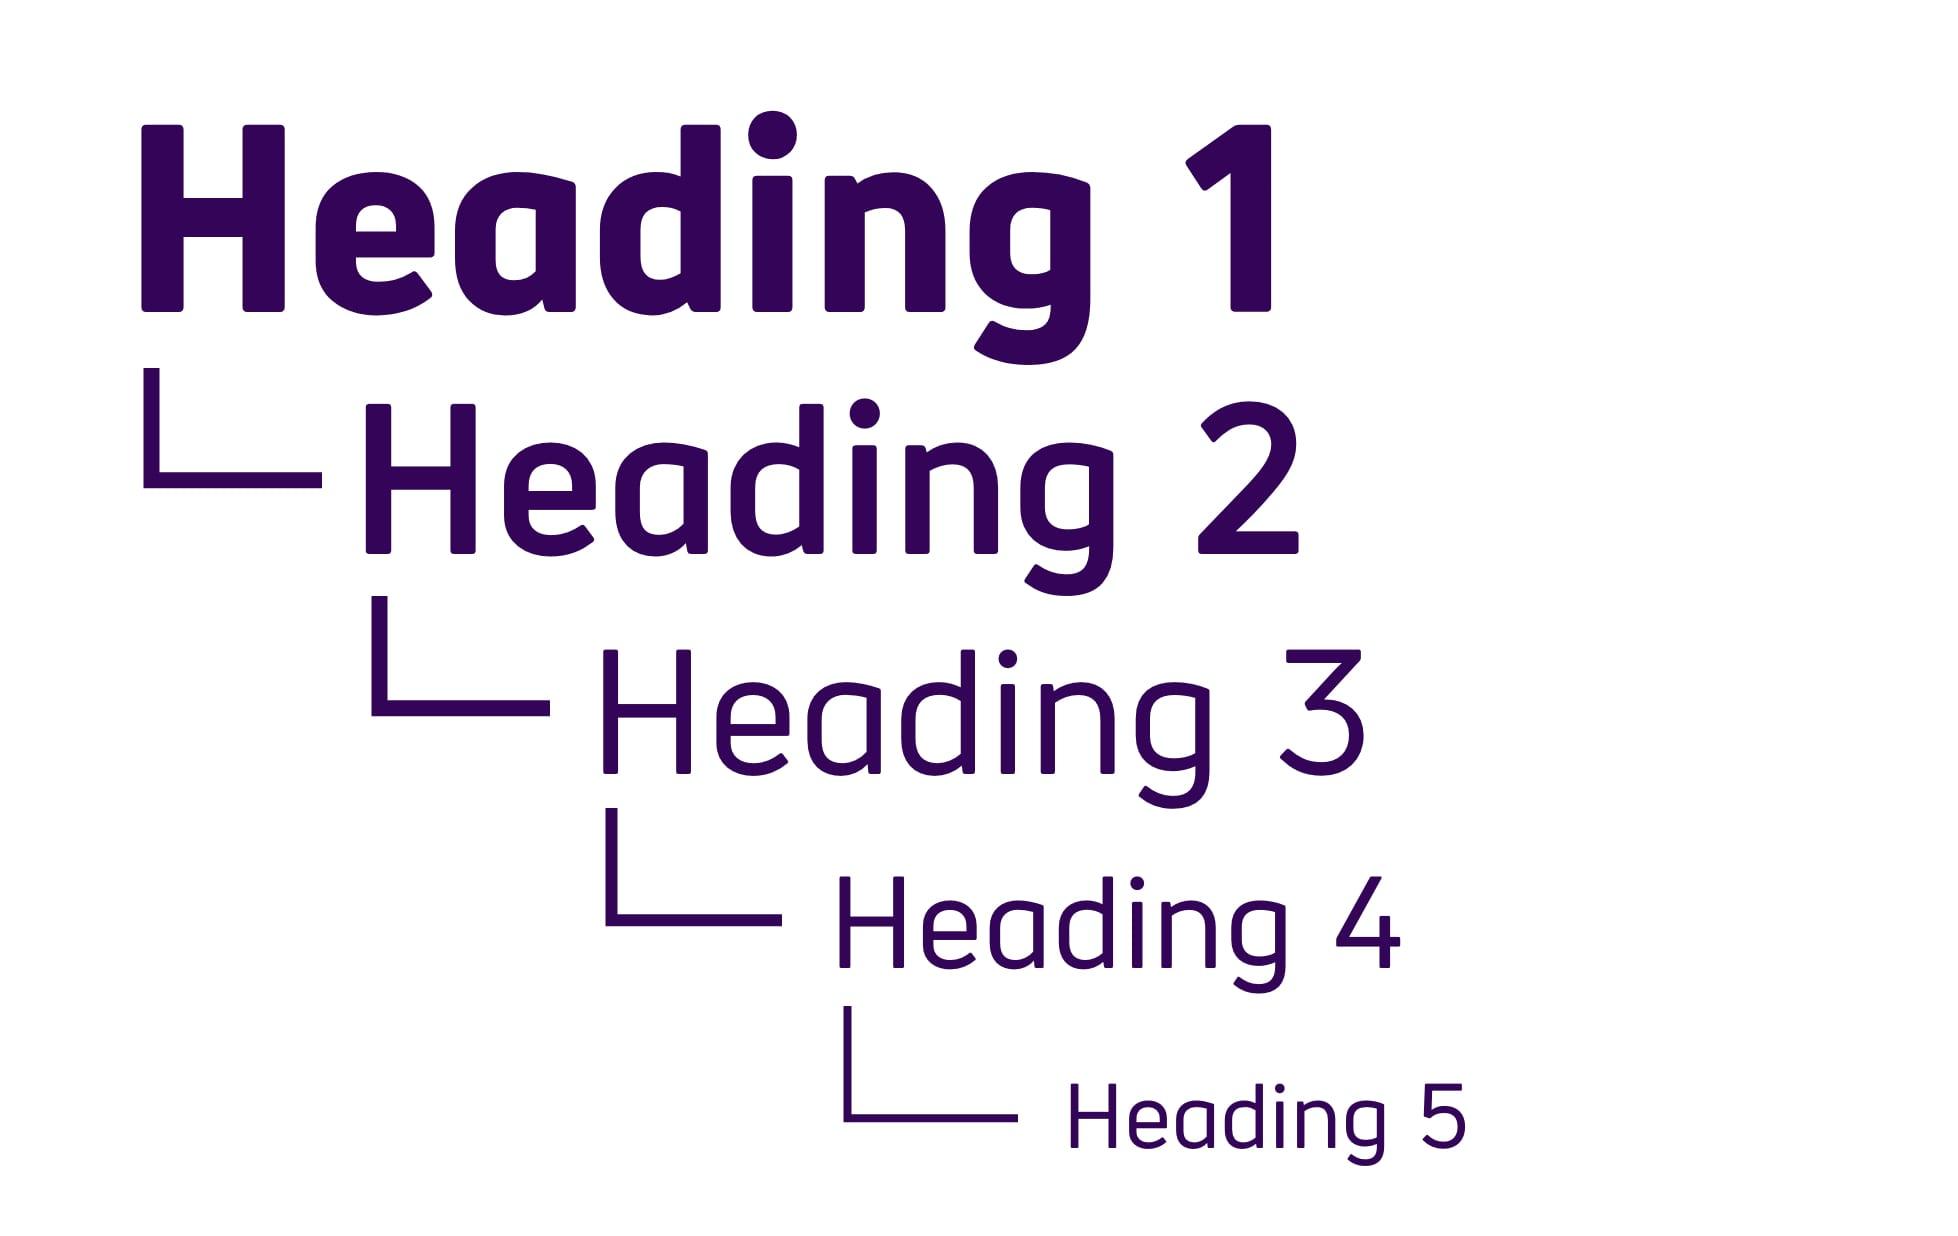 Логическая структура начинается с заголовка 1, затем следует заголовок 2. Заголовок третьего уровня размещается внутри заголовка 2 и так далее